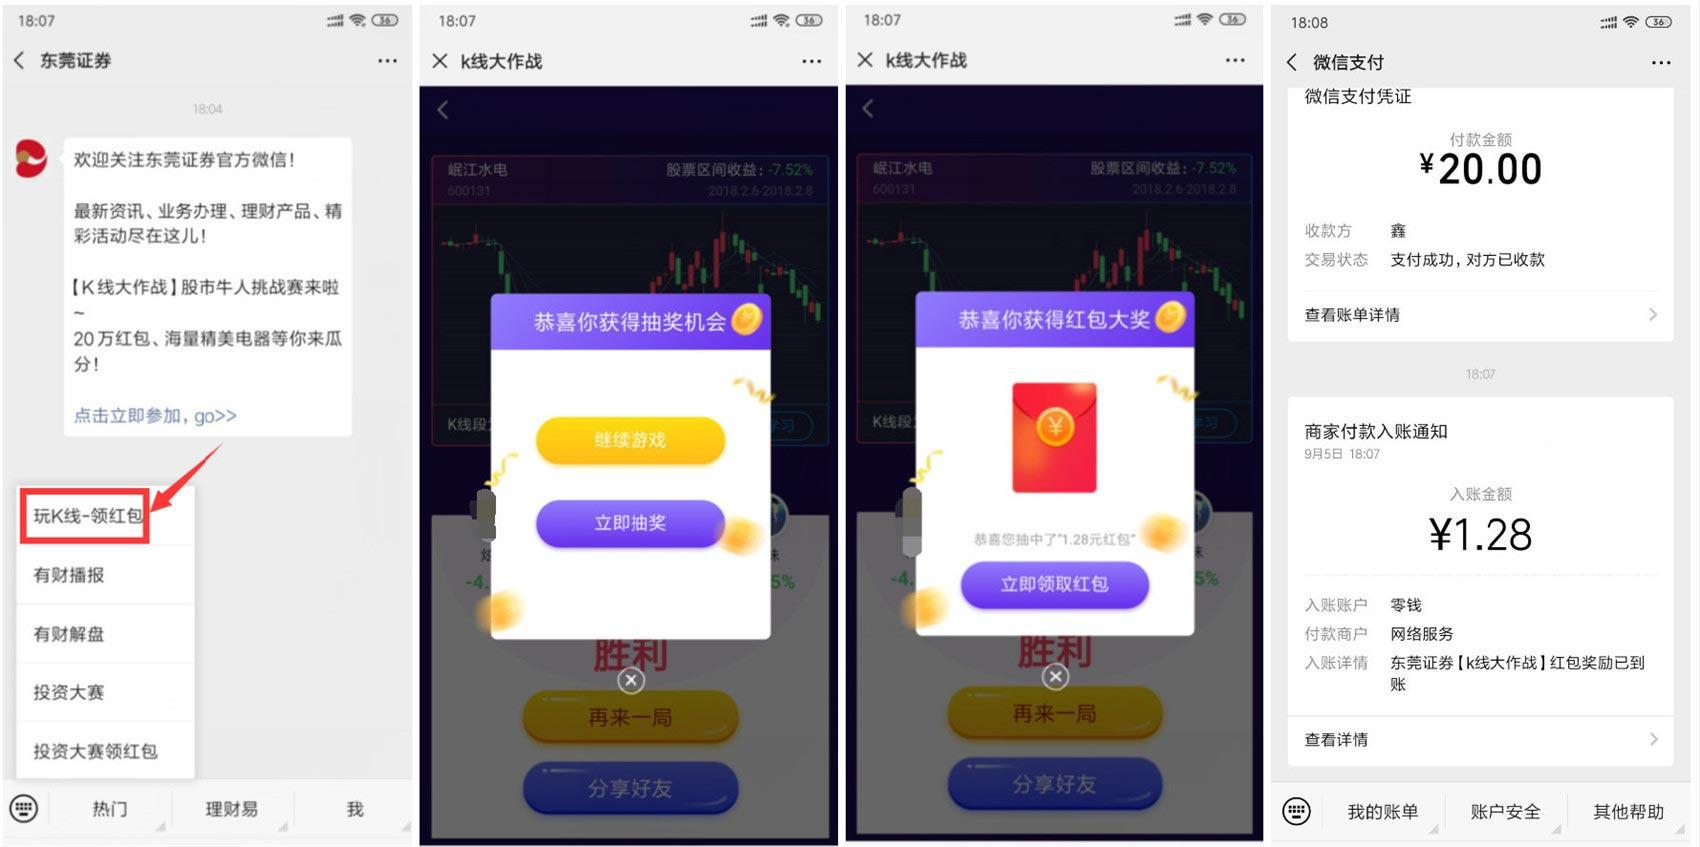 中国电信签约领1G流量包